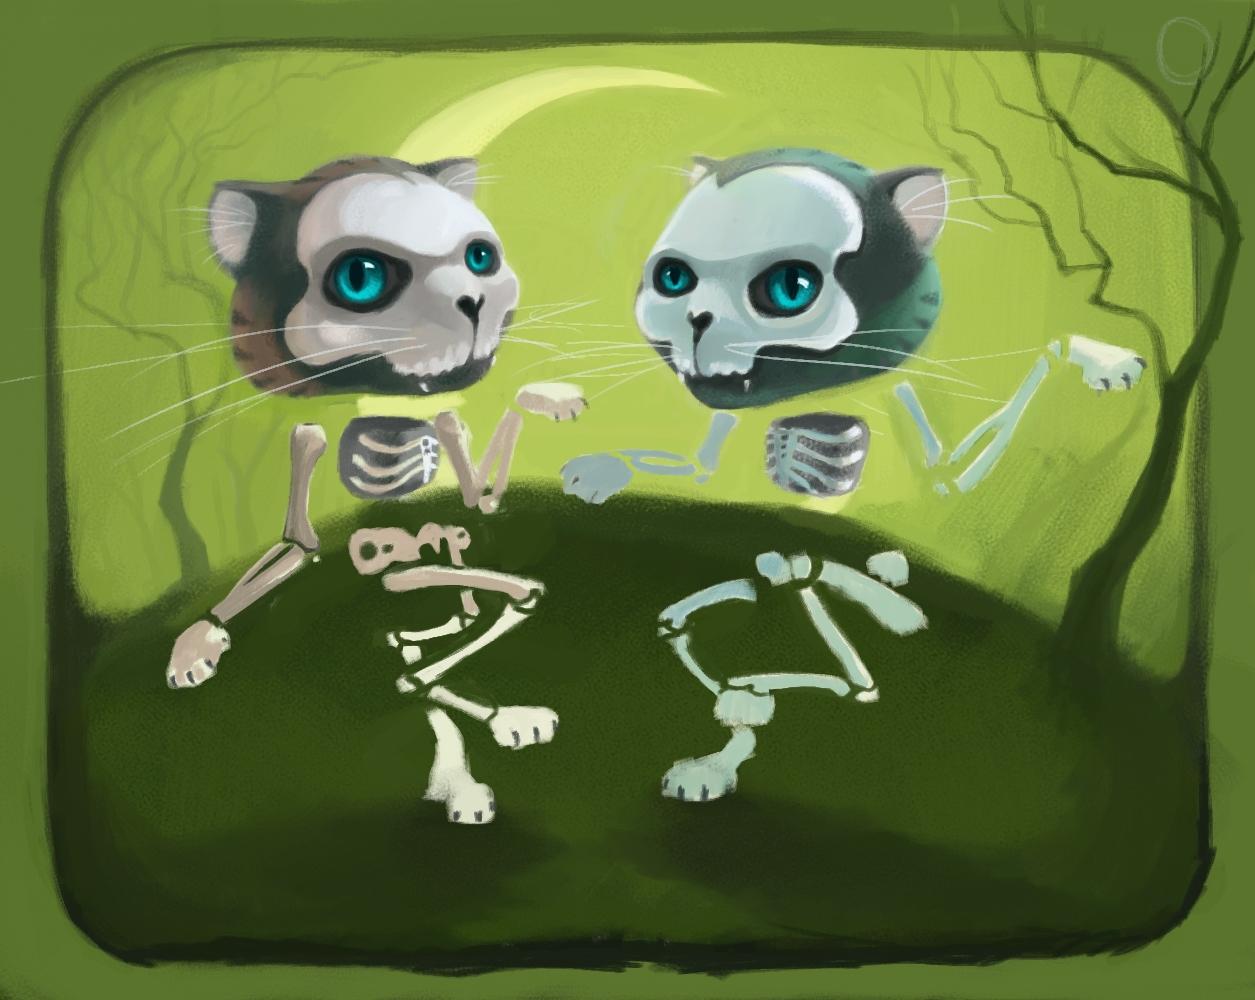 Bone-Cat Jig (WIP) by FosterCreativity101